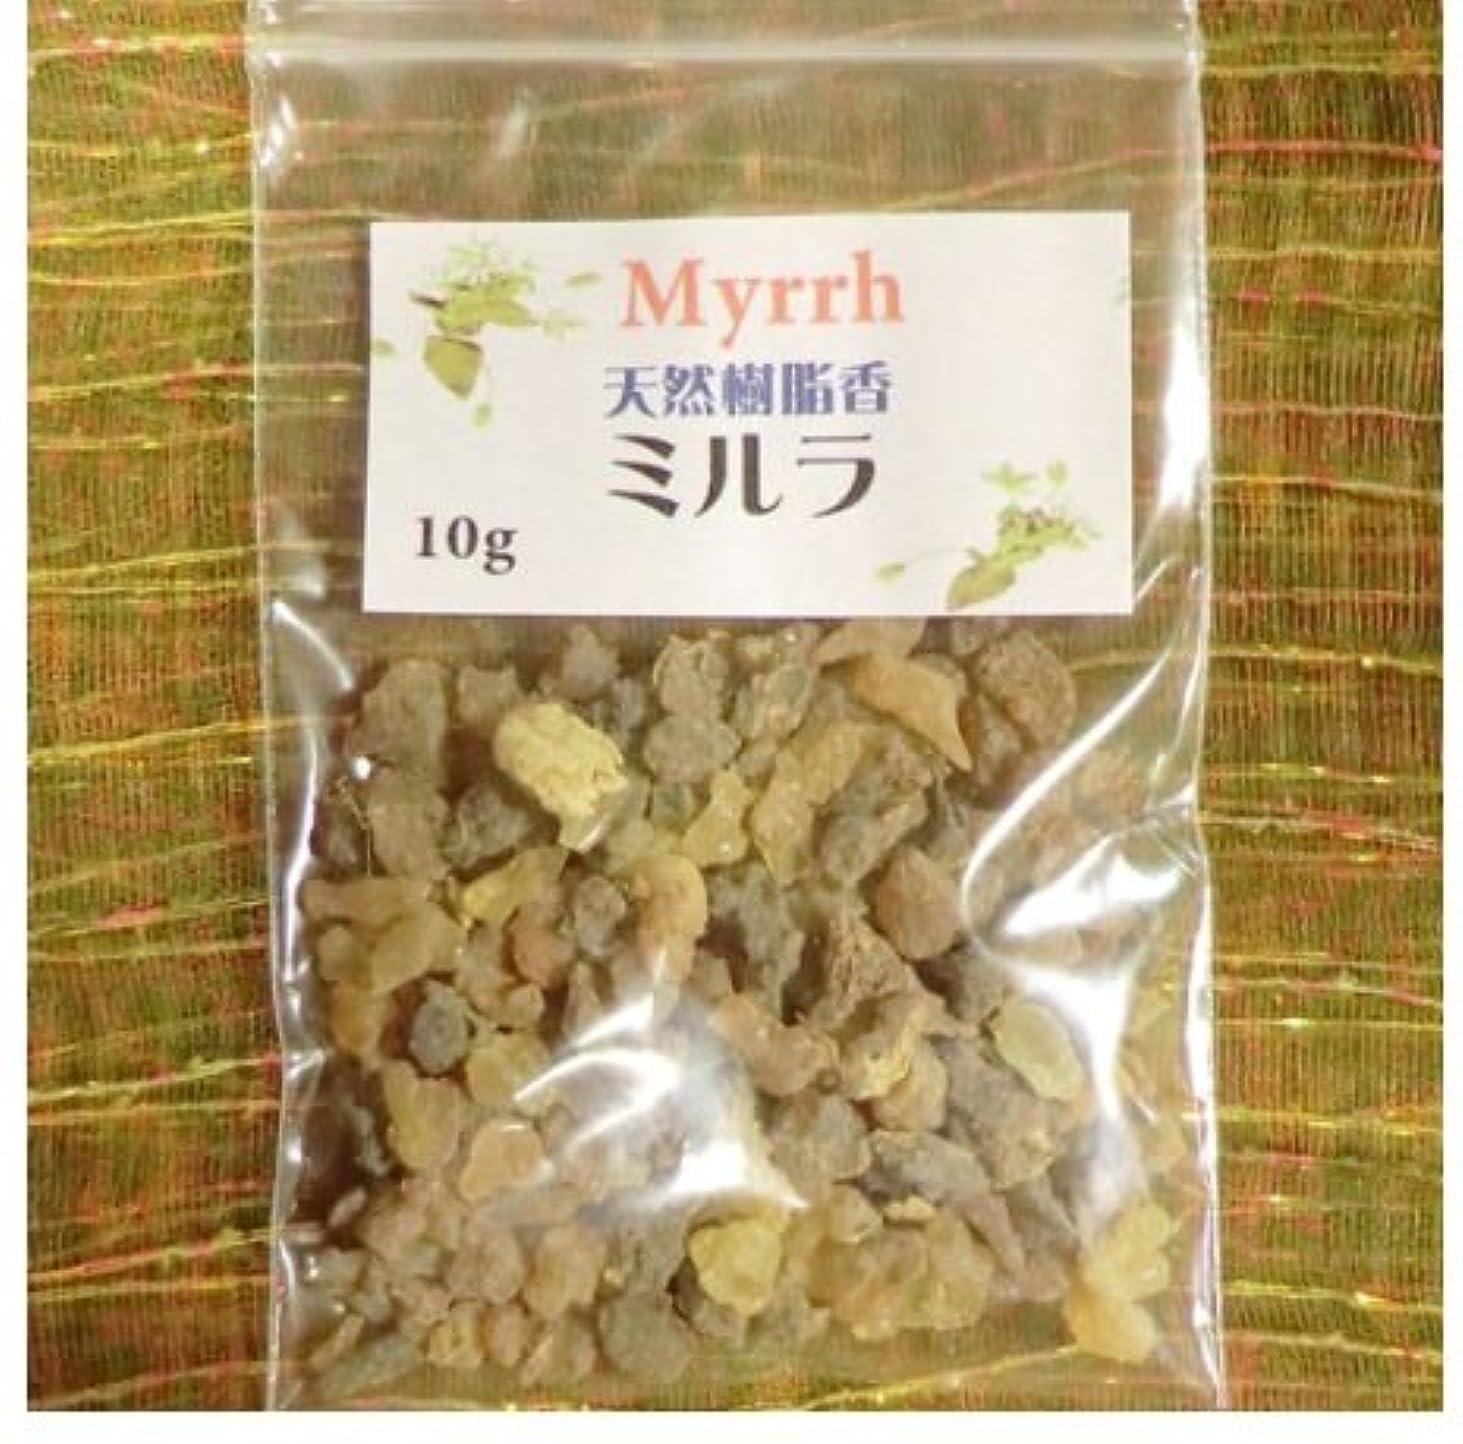 ミルラ Myrrh (没薬) 天然樹脂香 10g (ミルラ)